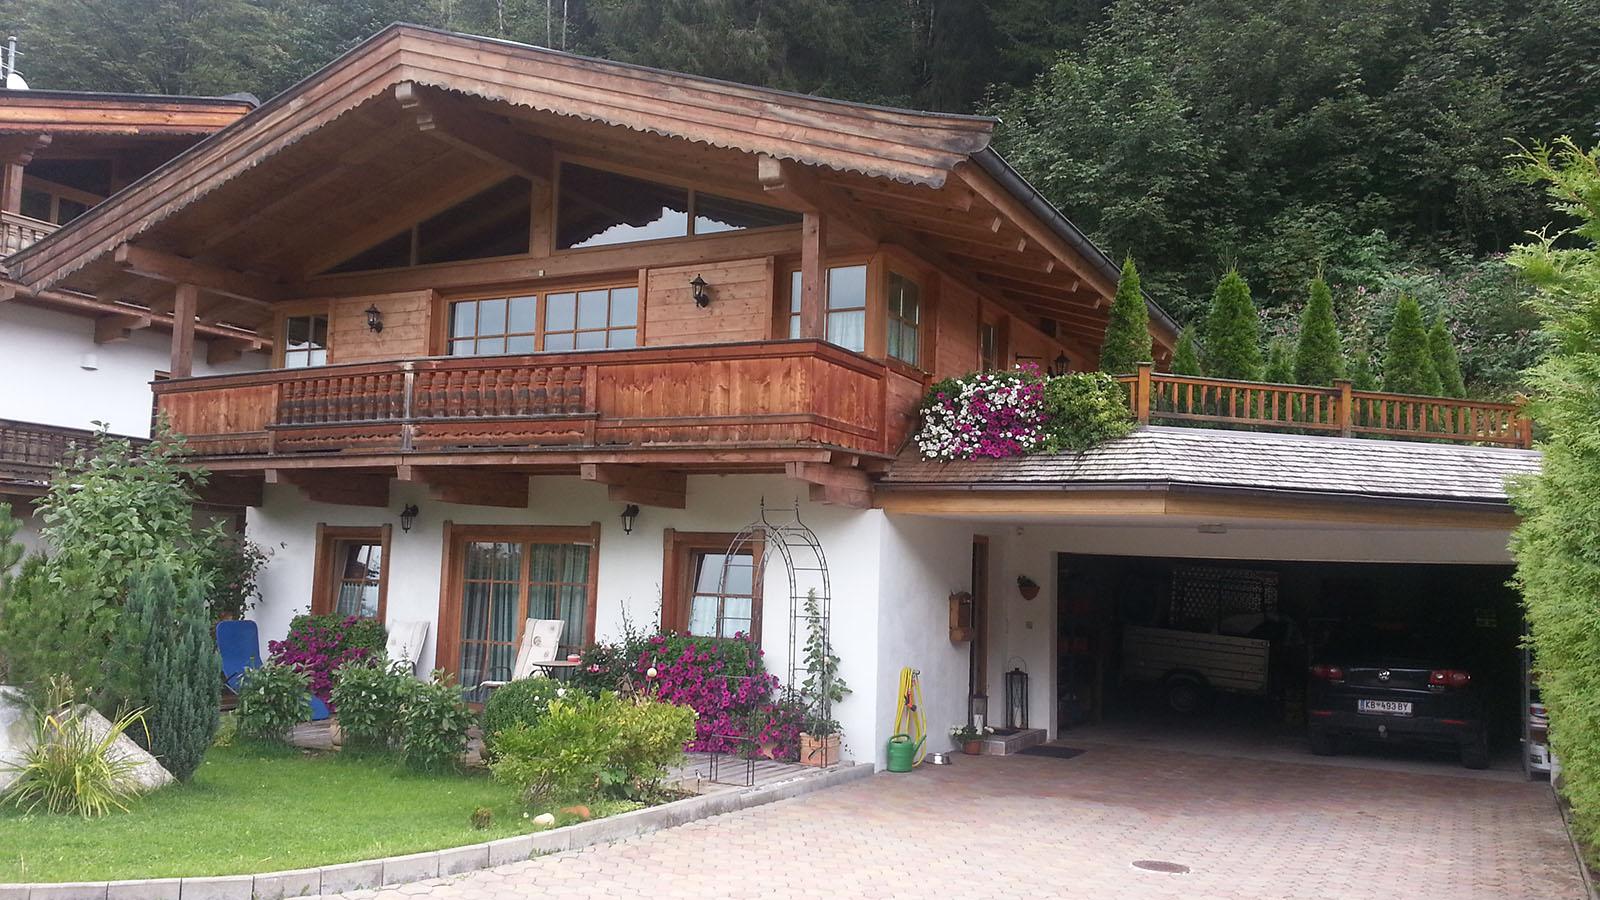 Aurach bei kitzb hel traditionelles tirolerhaus mit for Traditionelles tiroler haus